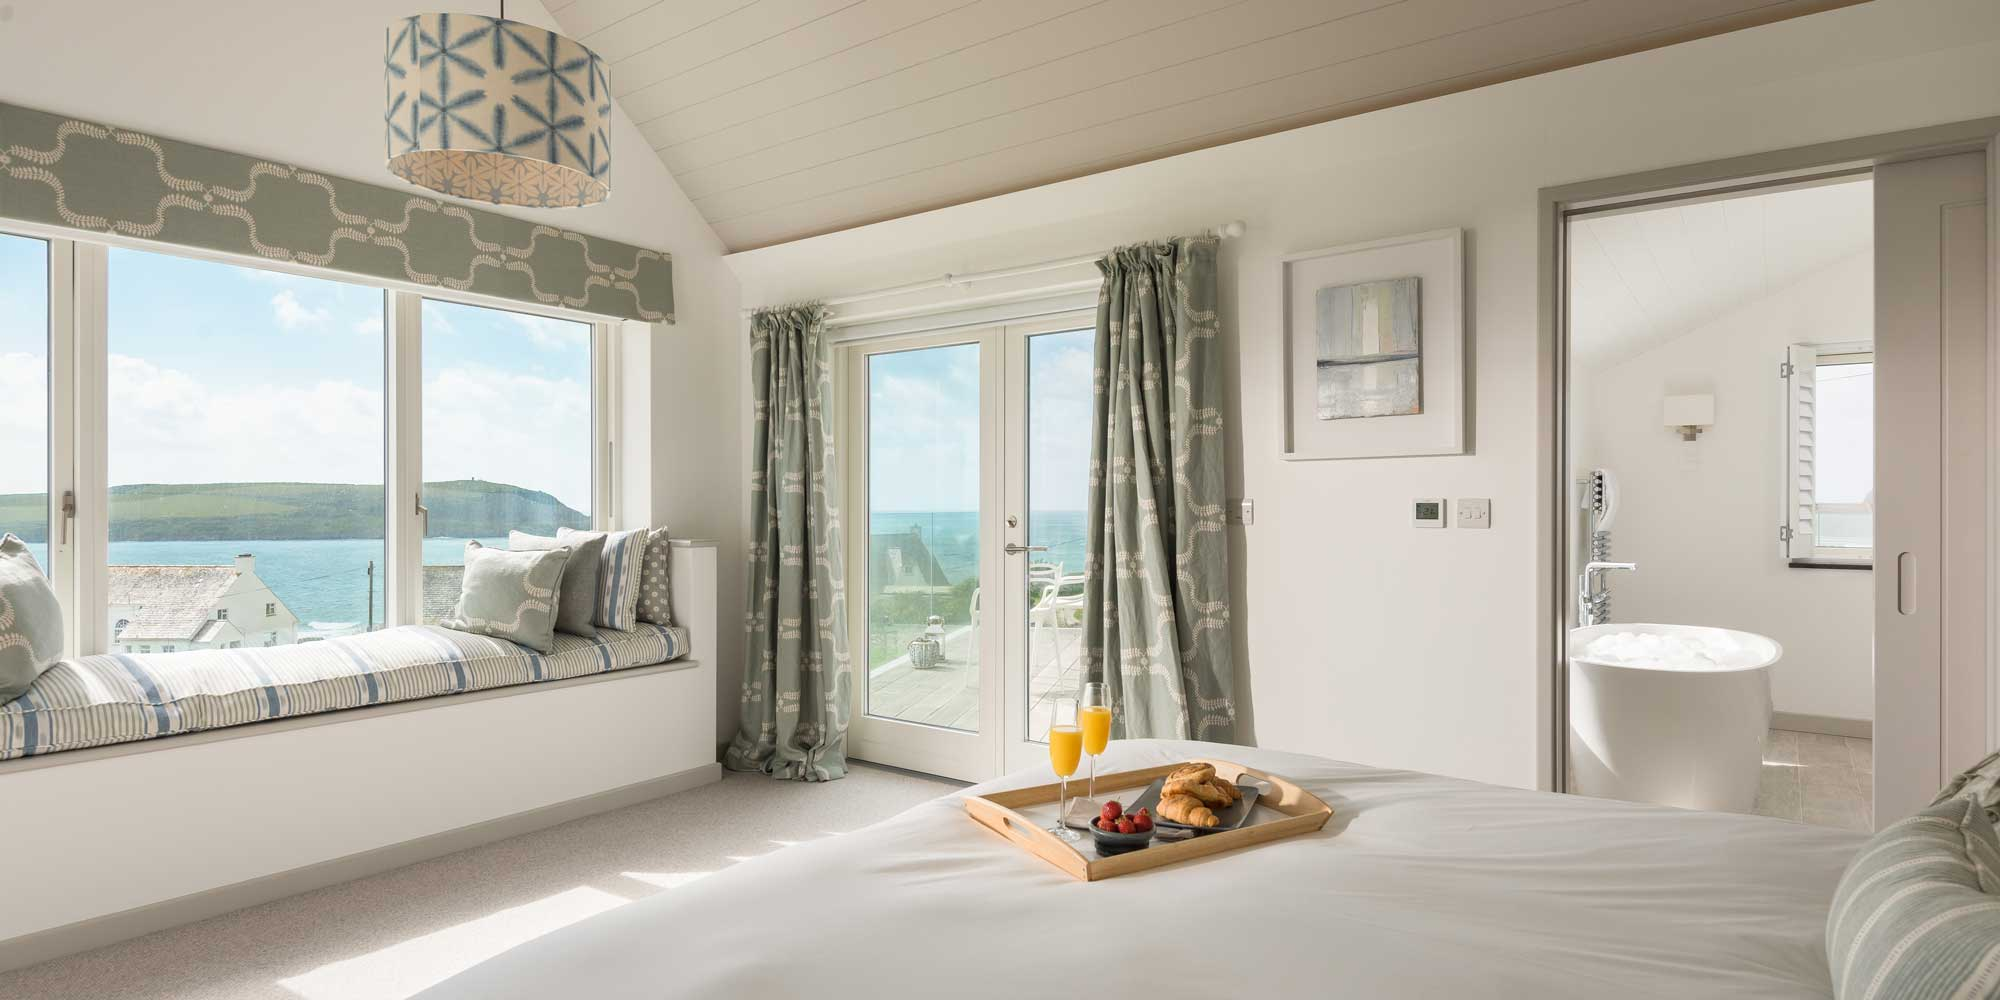 Trelyon Bedroom with en-suite bathroom and washroom